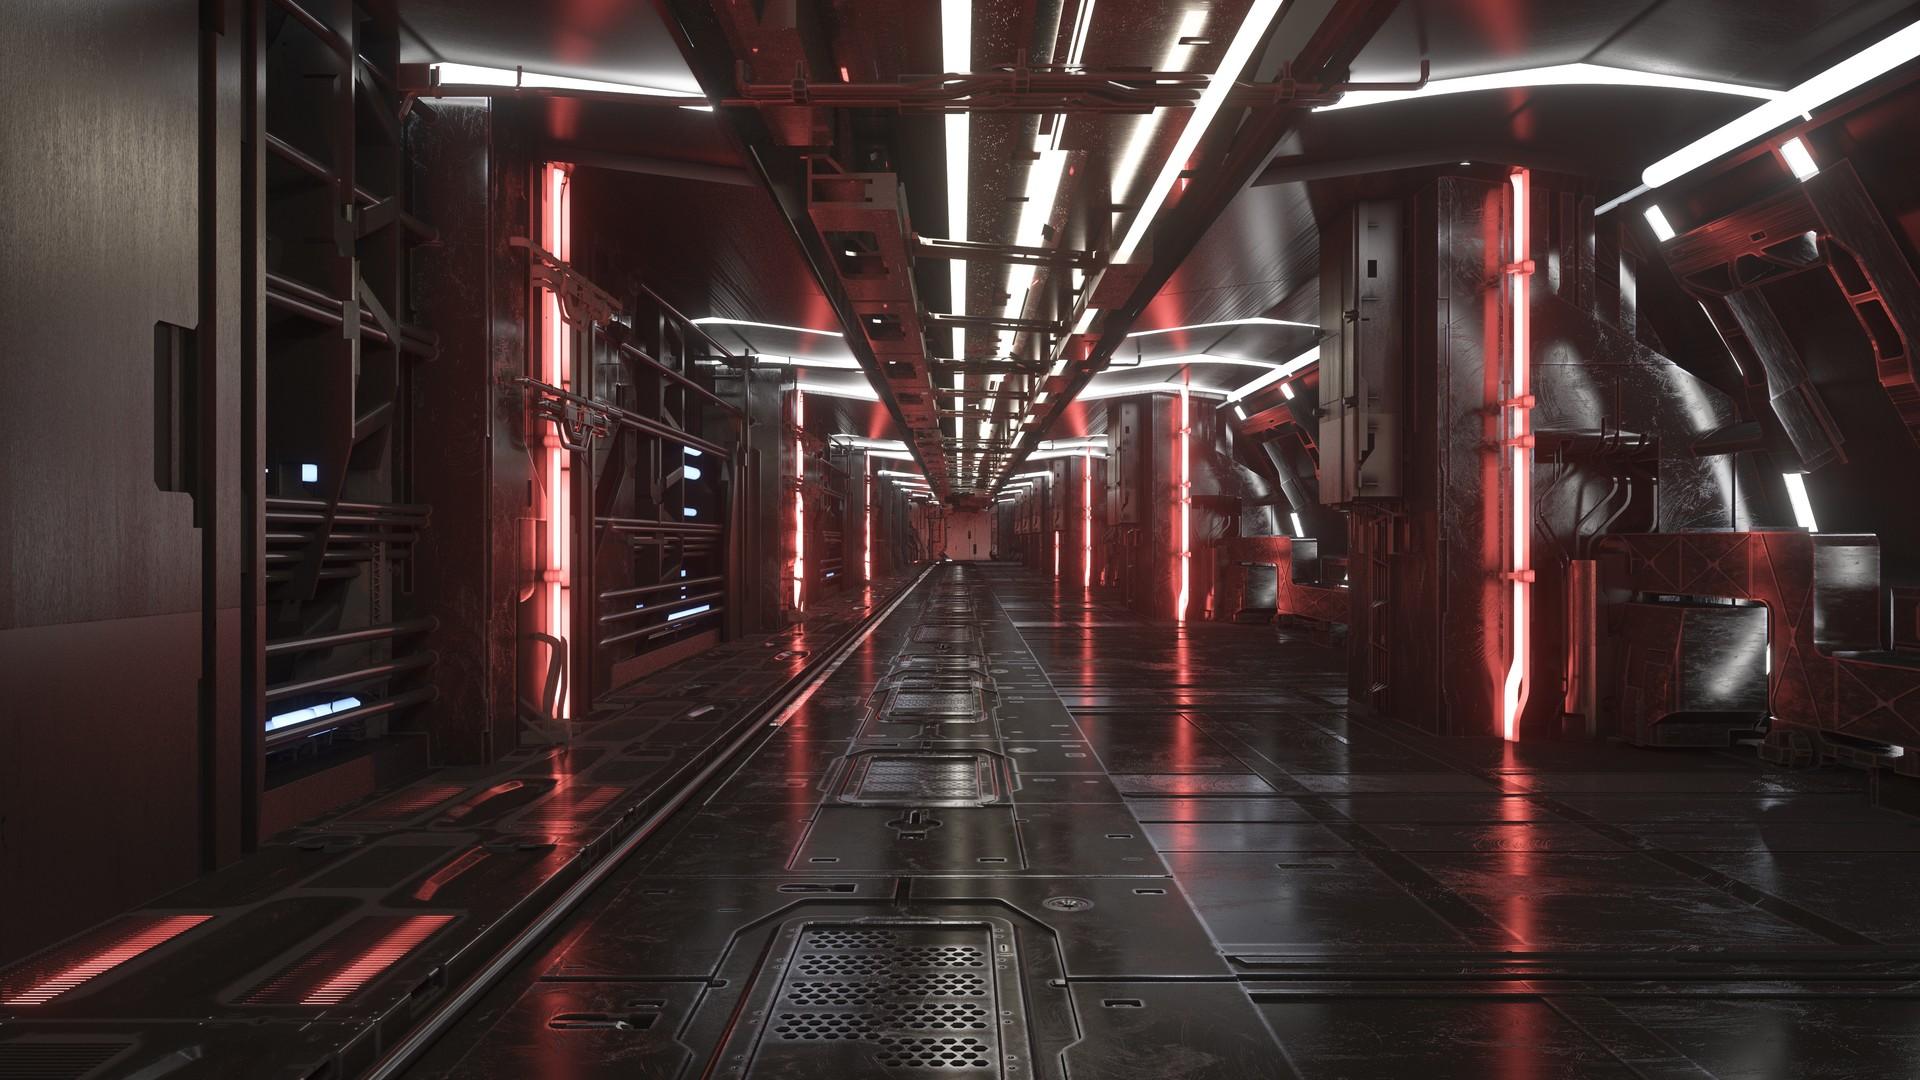 Kresimir jelusic robob3ar 284 230716 corridor